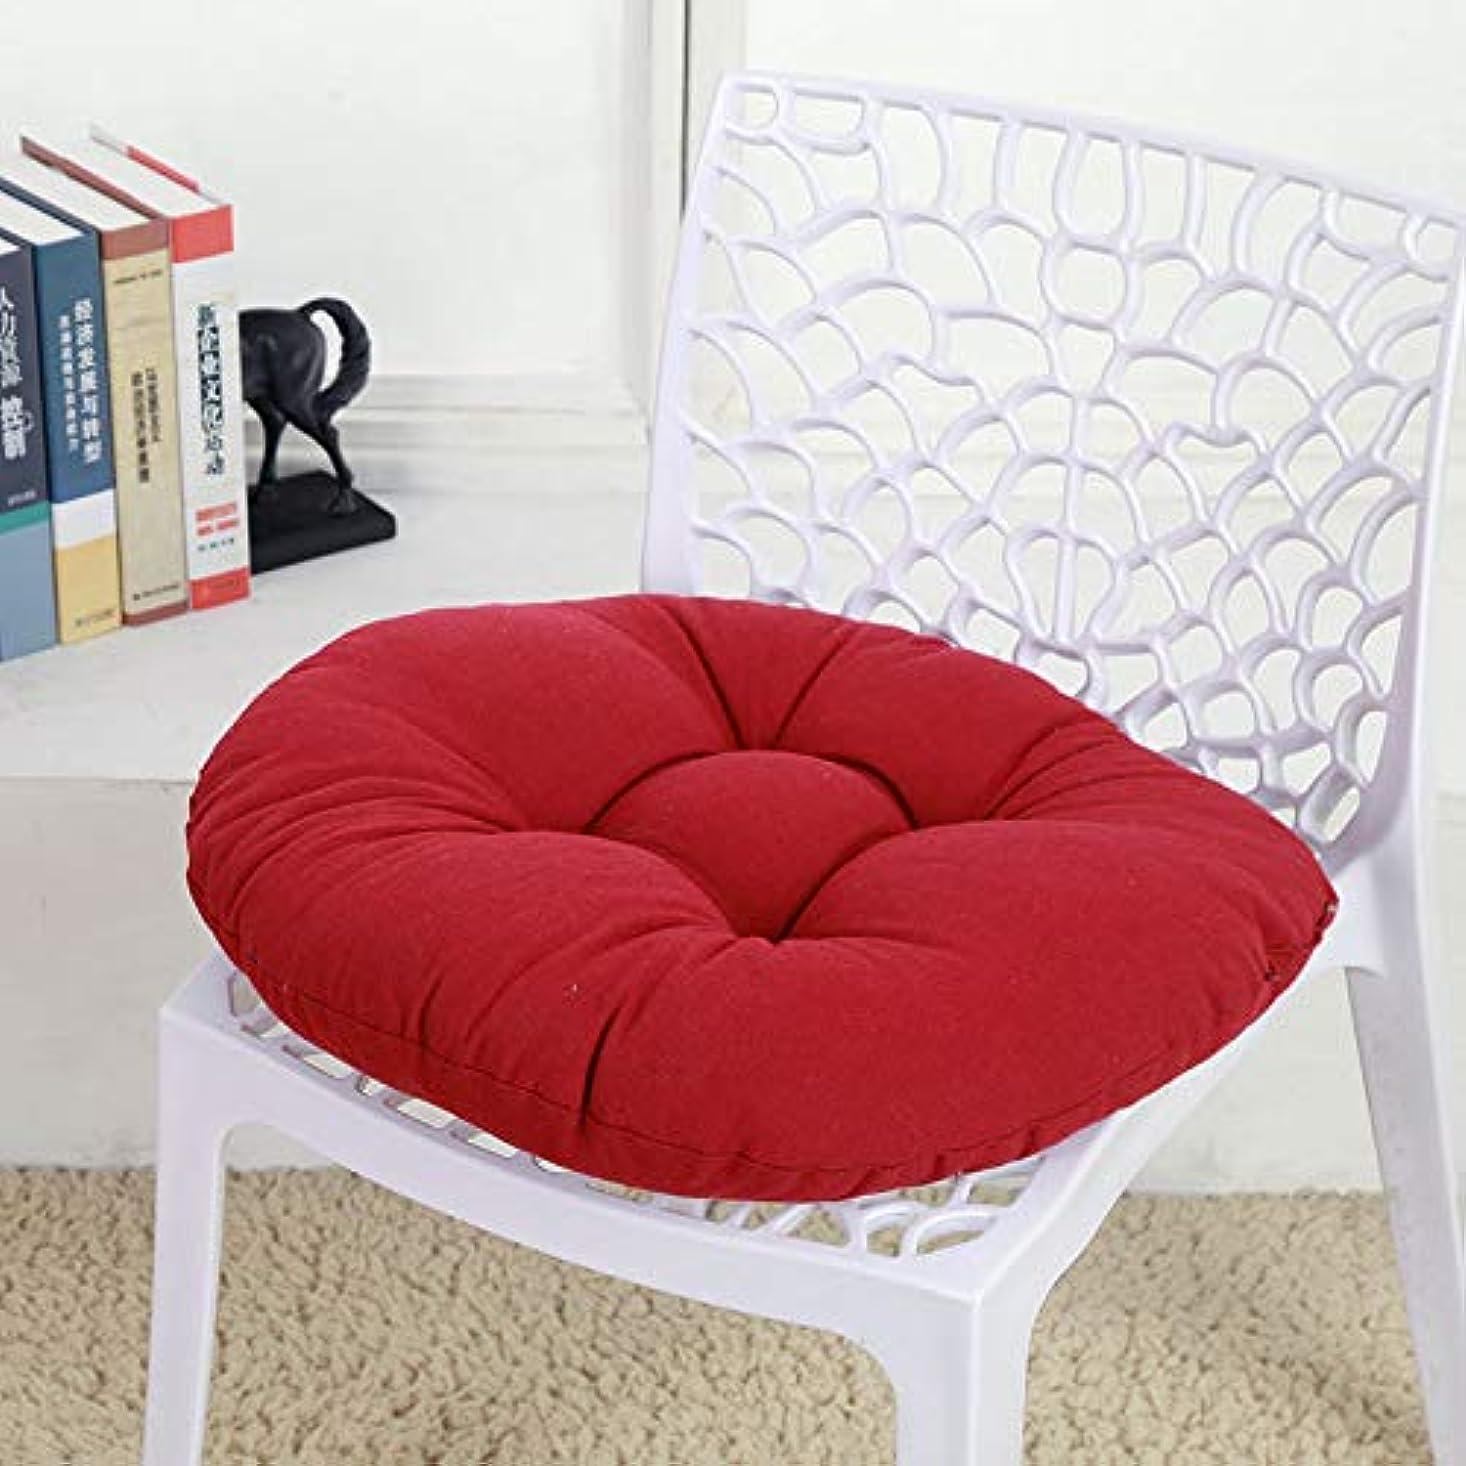 真鍮取る管理するSMART キャンディカラーのクッションラウンドシートクッション波ウィンドウシートクッションクッション家の装飾パッドラウンド枕シート枕椅子座る枕 クッション 椅子